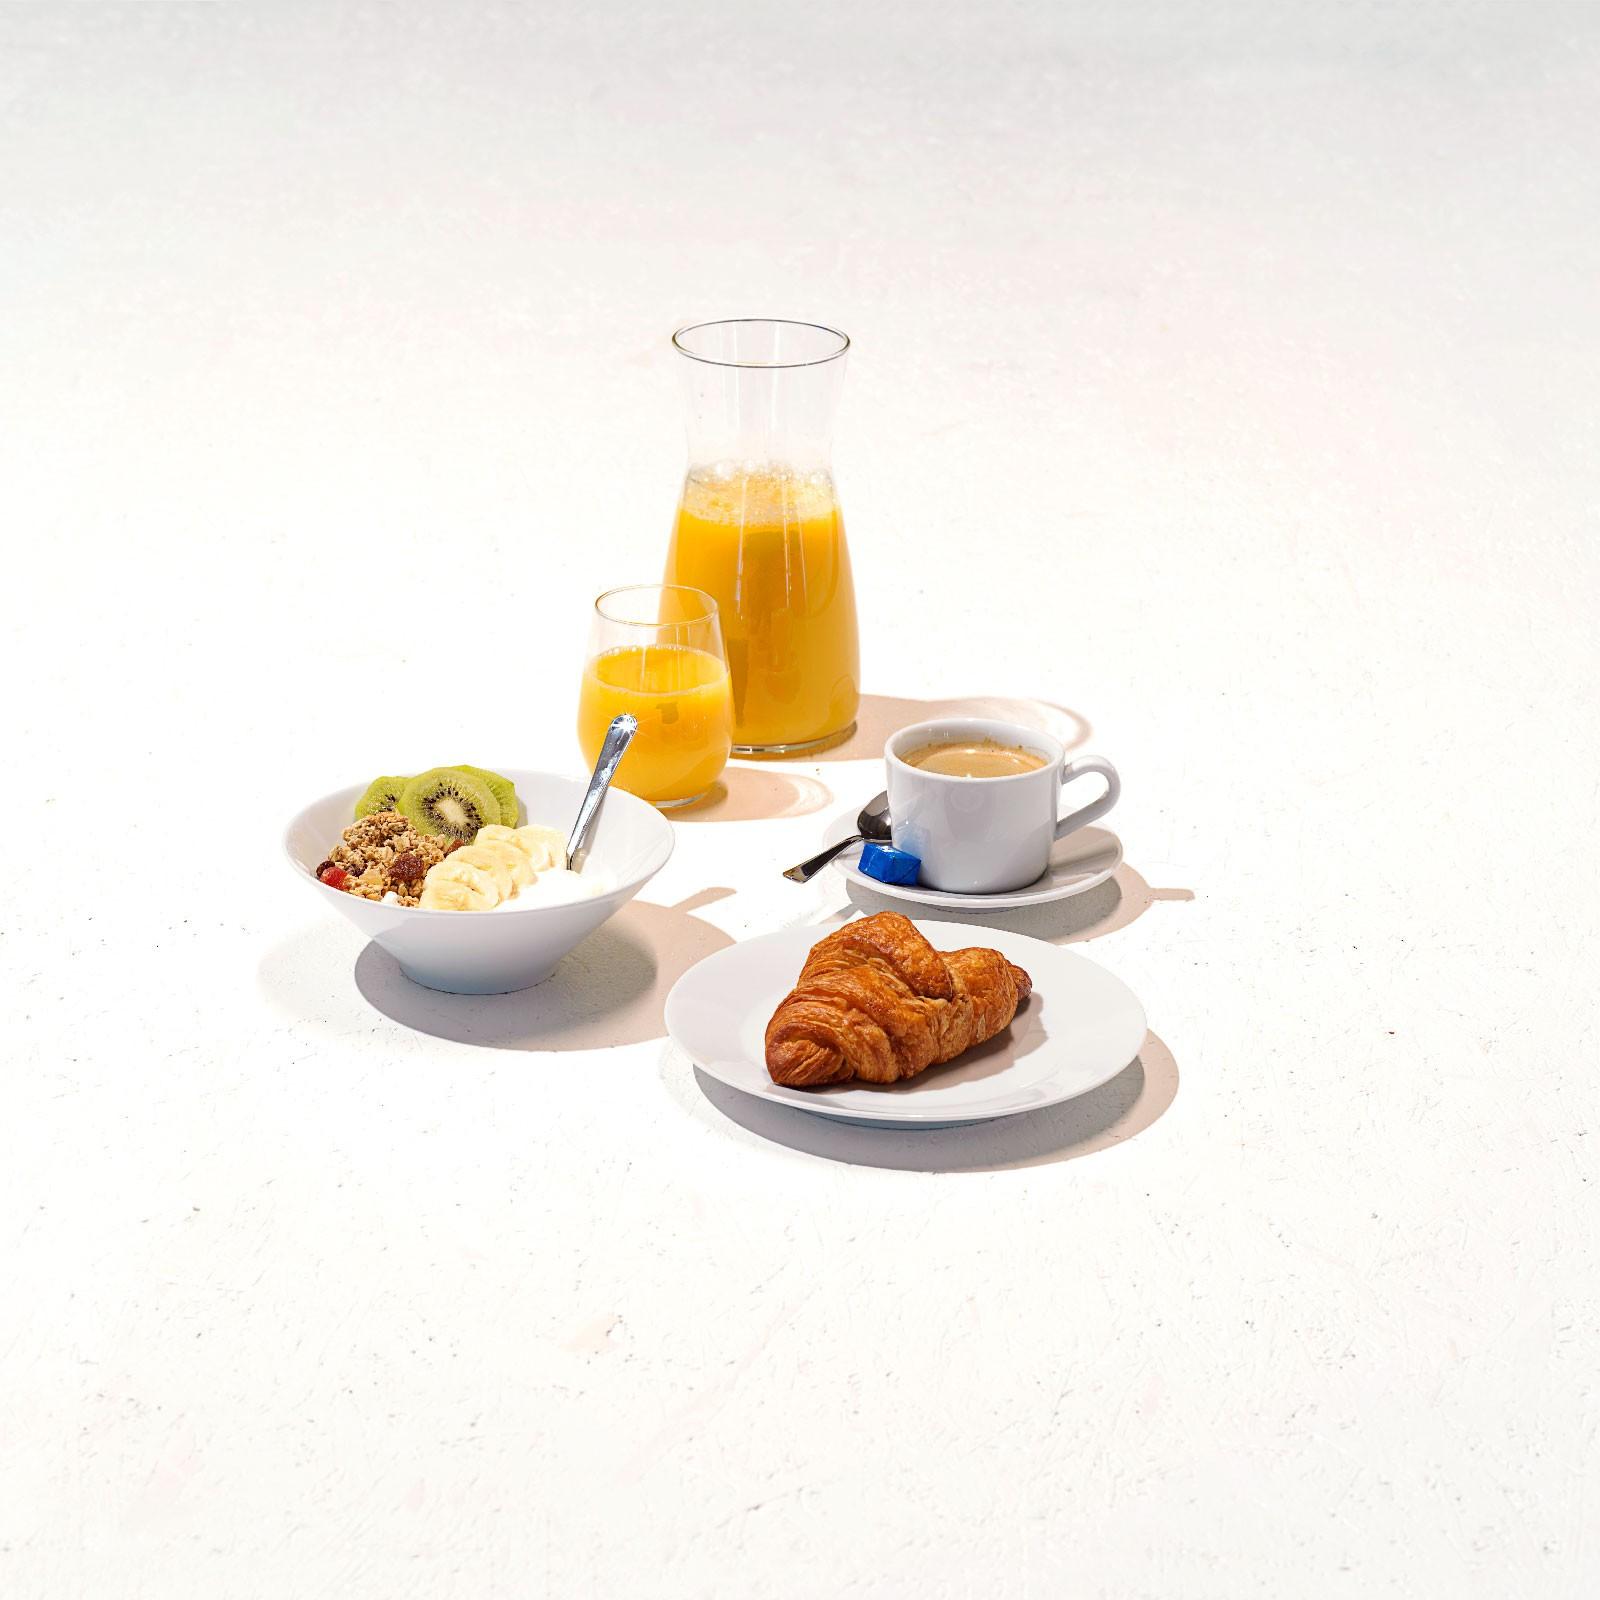 Various Breakfast available to rent / verhuur / location at 50.8 Studio • Belgïe, Belgique, Belgium, Catering, Huur, Location, Louer, Only in, Photo, Rent, Studio, Verhuur, Video